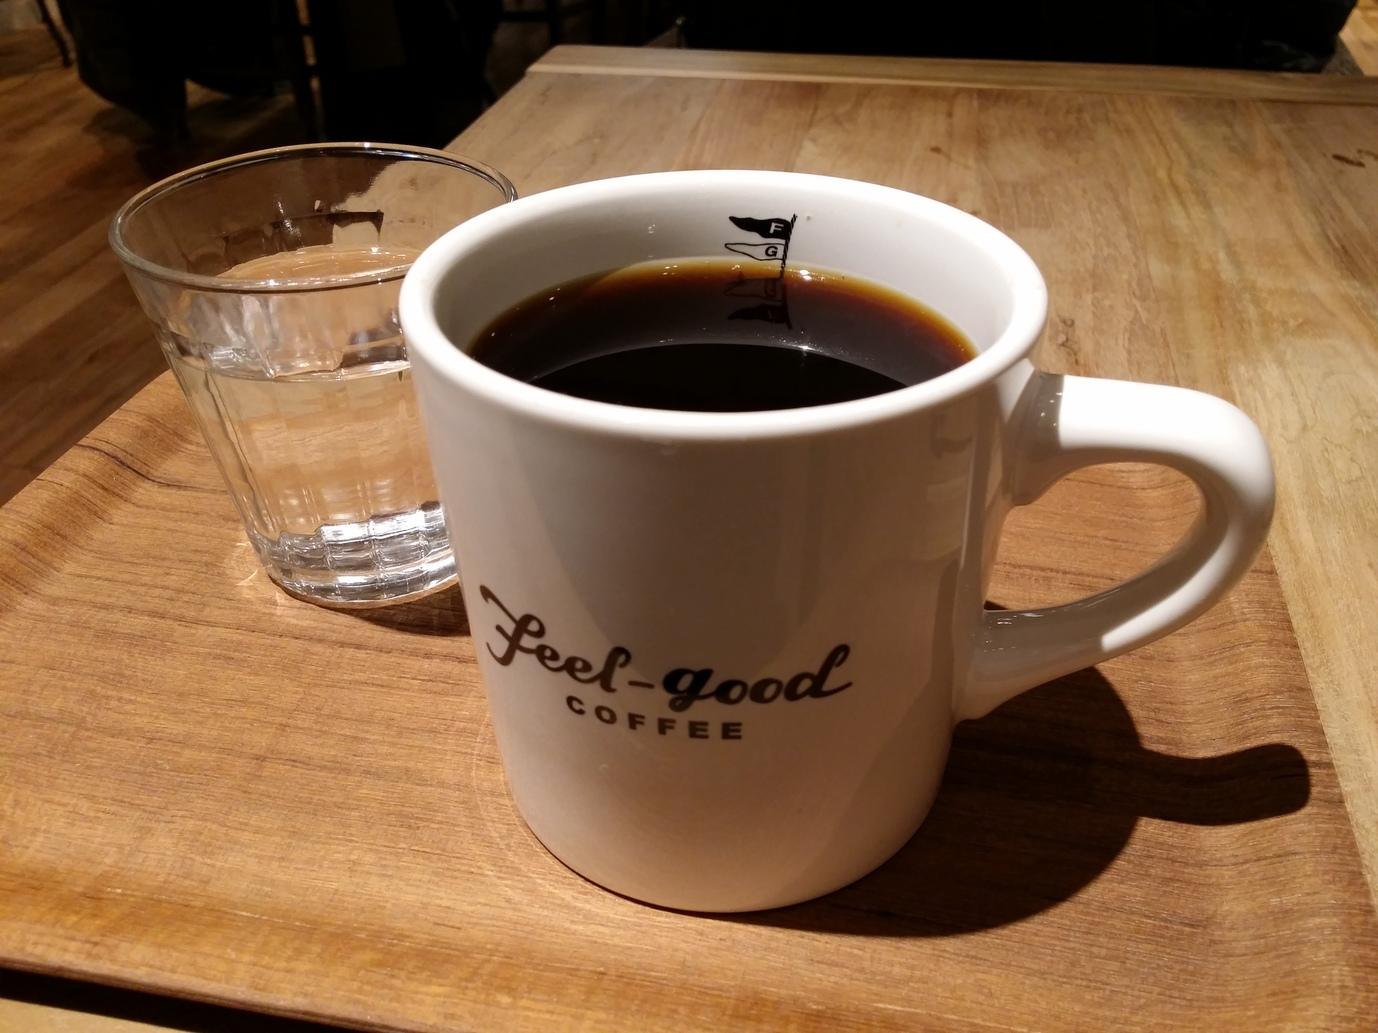 フィールグッド コーヒー